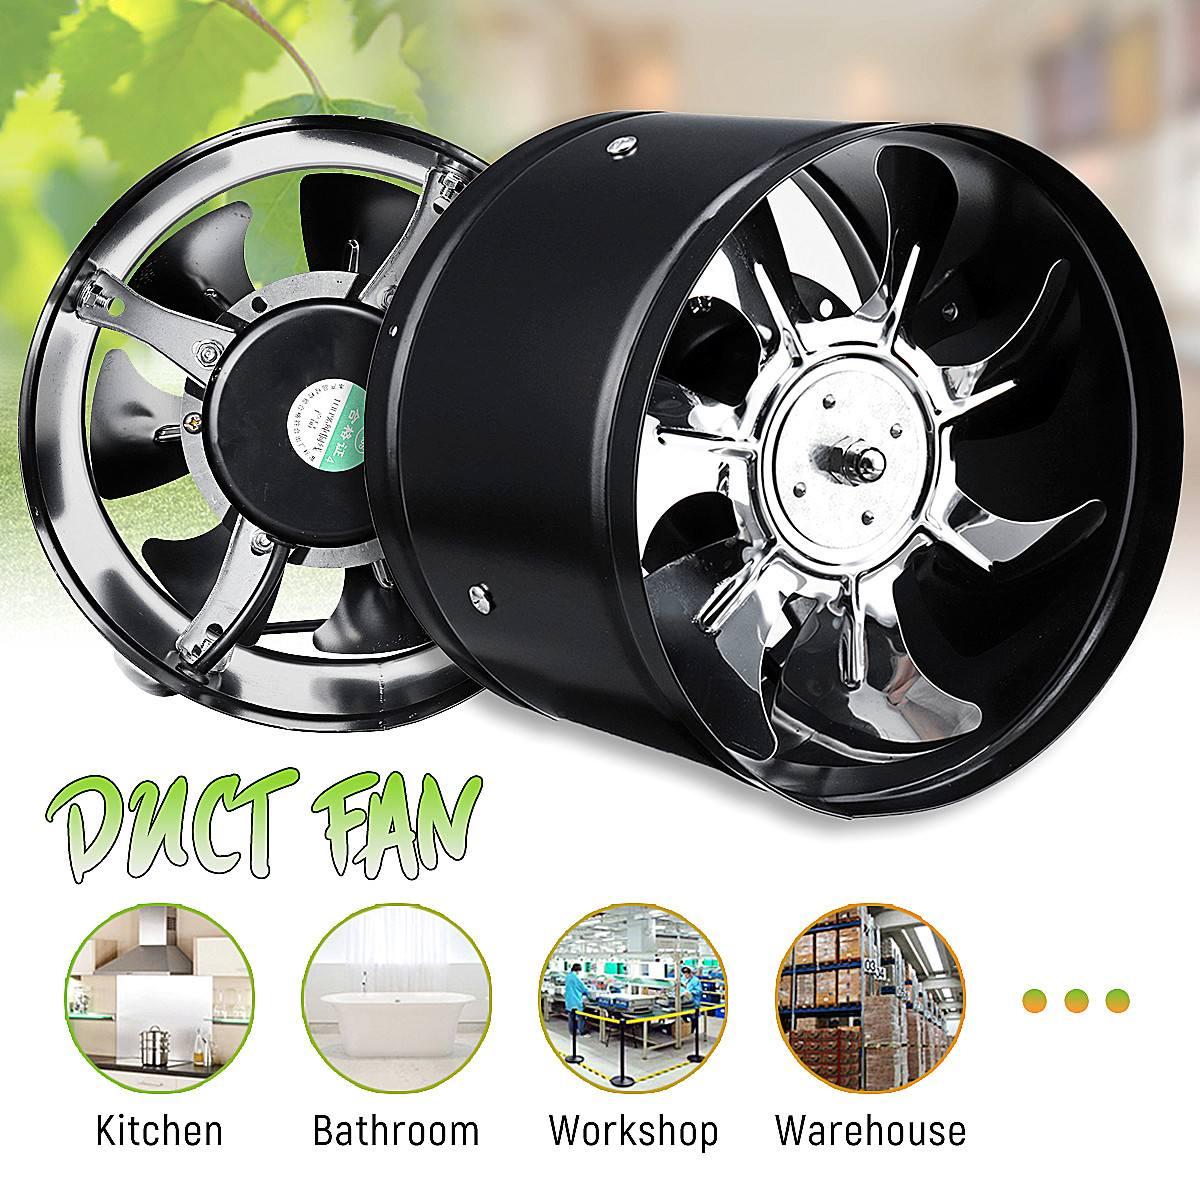 80W Duct Ceiling Air Ventilation Fan 8 Inch Pipe Exhaust Fan Inline Booster 200mm Window Exhauster Toilet Kitchen Exhaustfan